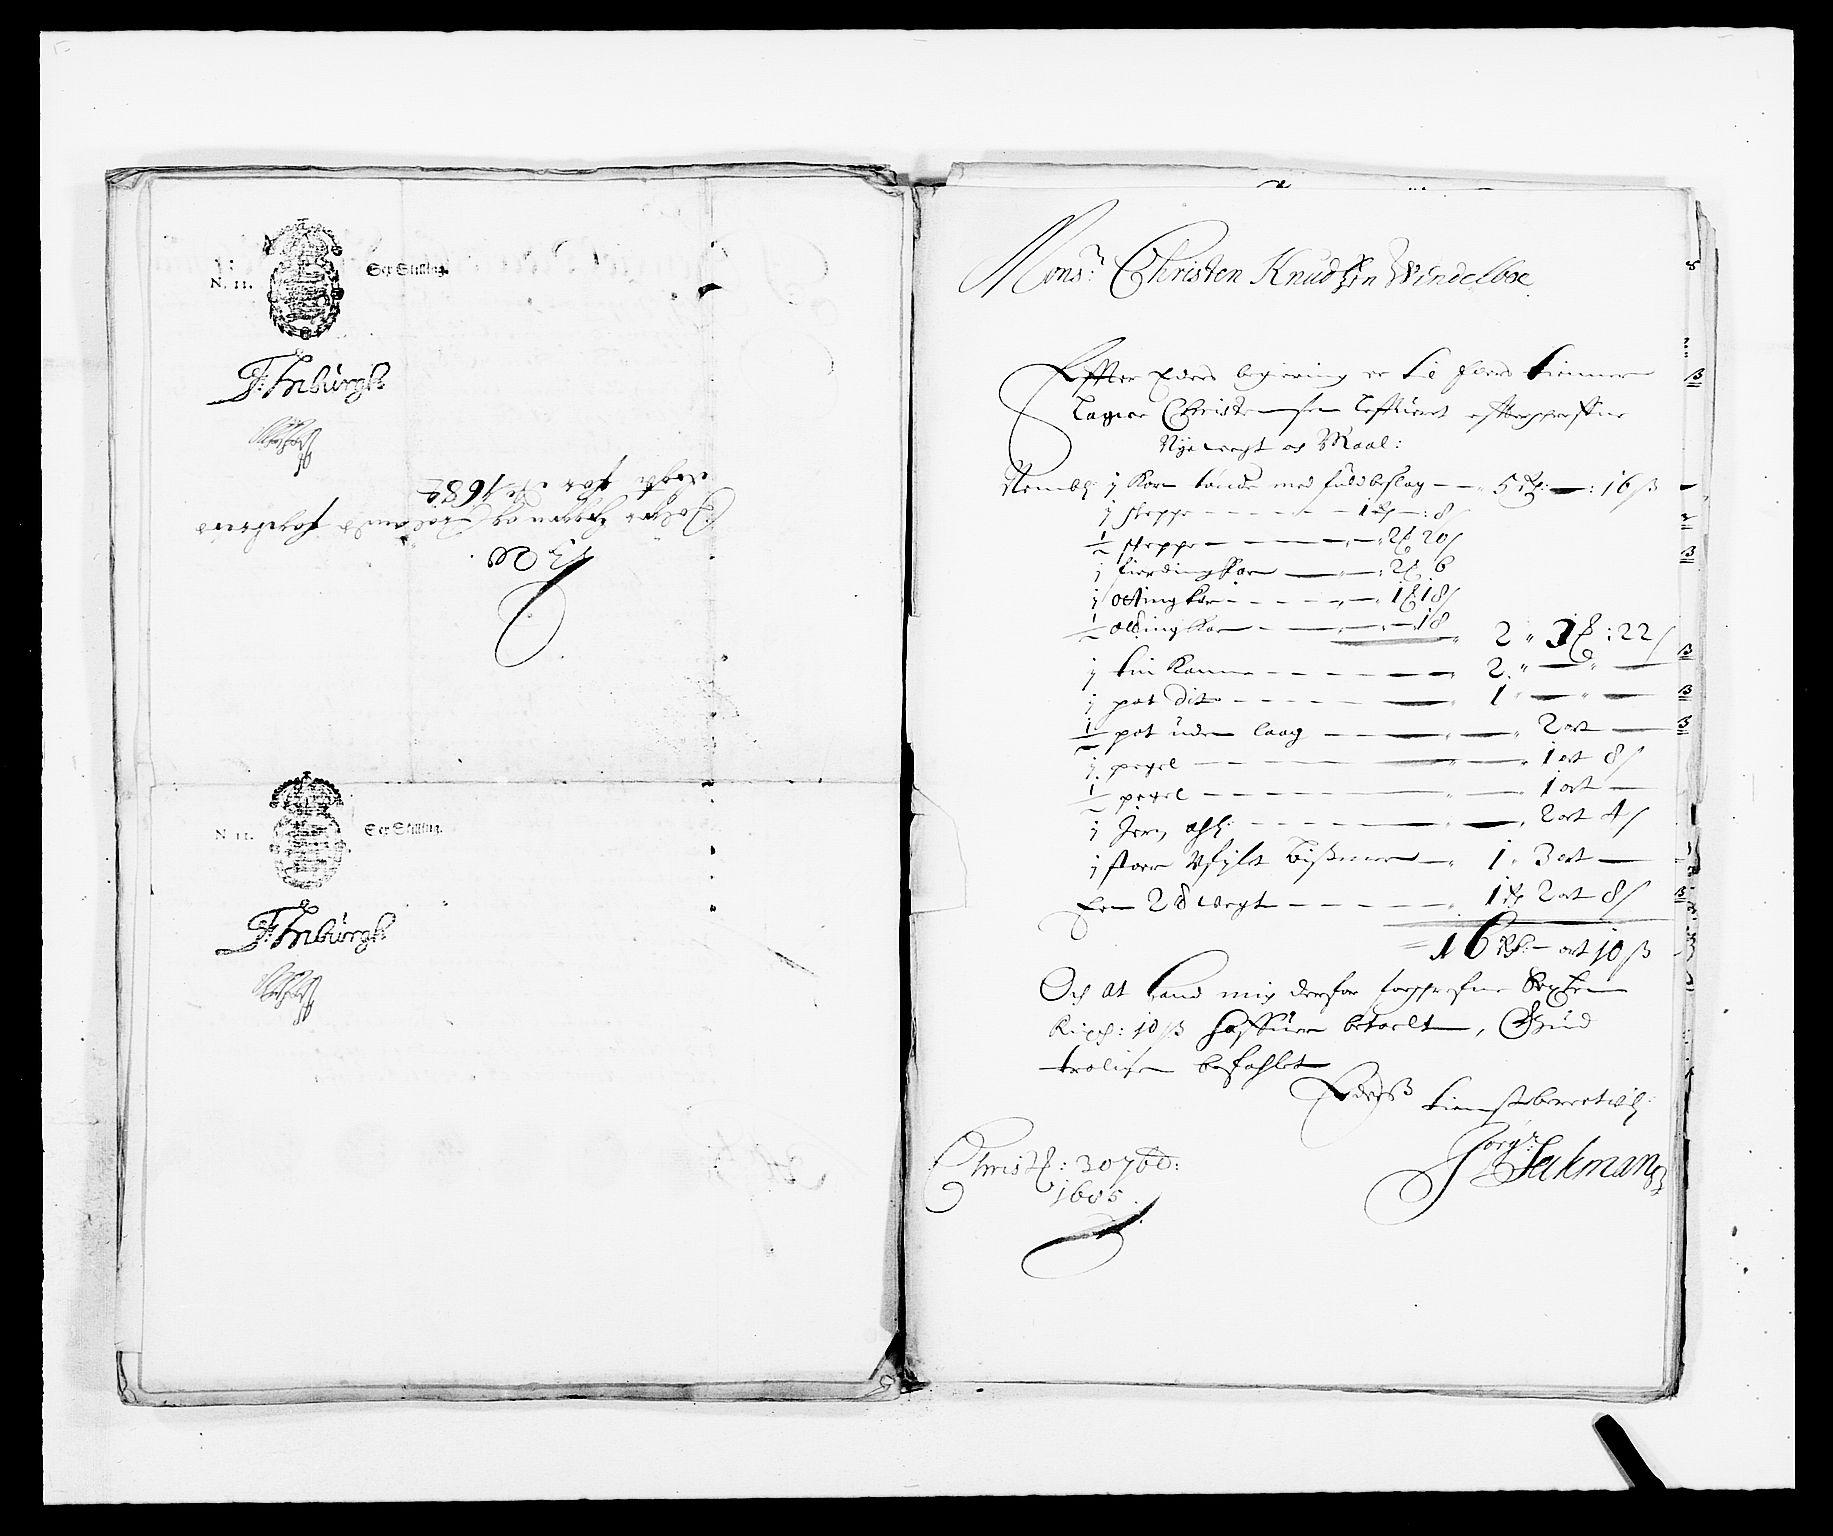 RA, Rentekammeret inntil 1814, Reviderte regnskaper, Fogderegnskap, R06/L0281: Fogderegnskap Heggen og Frøland, 1678-1686, s. 251